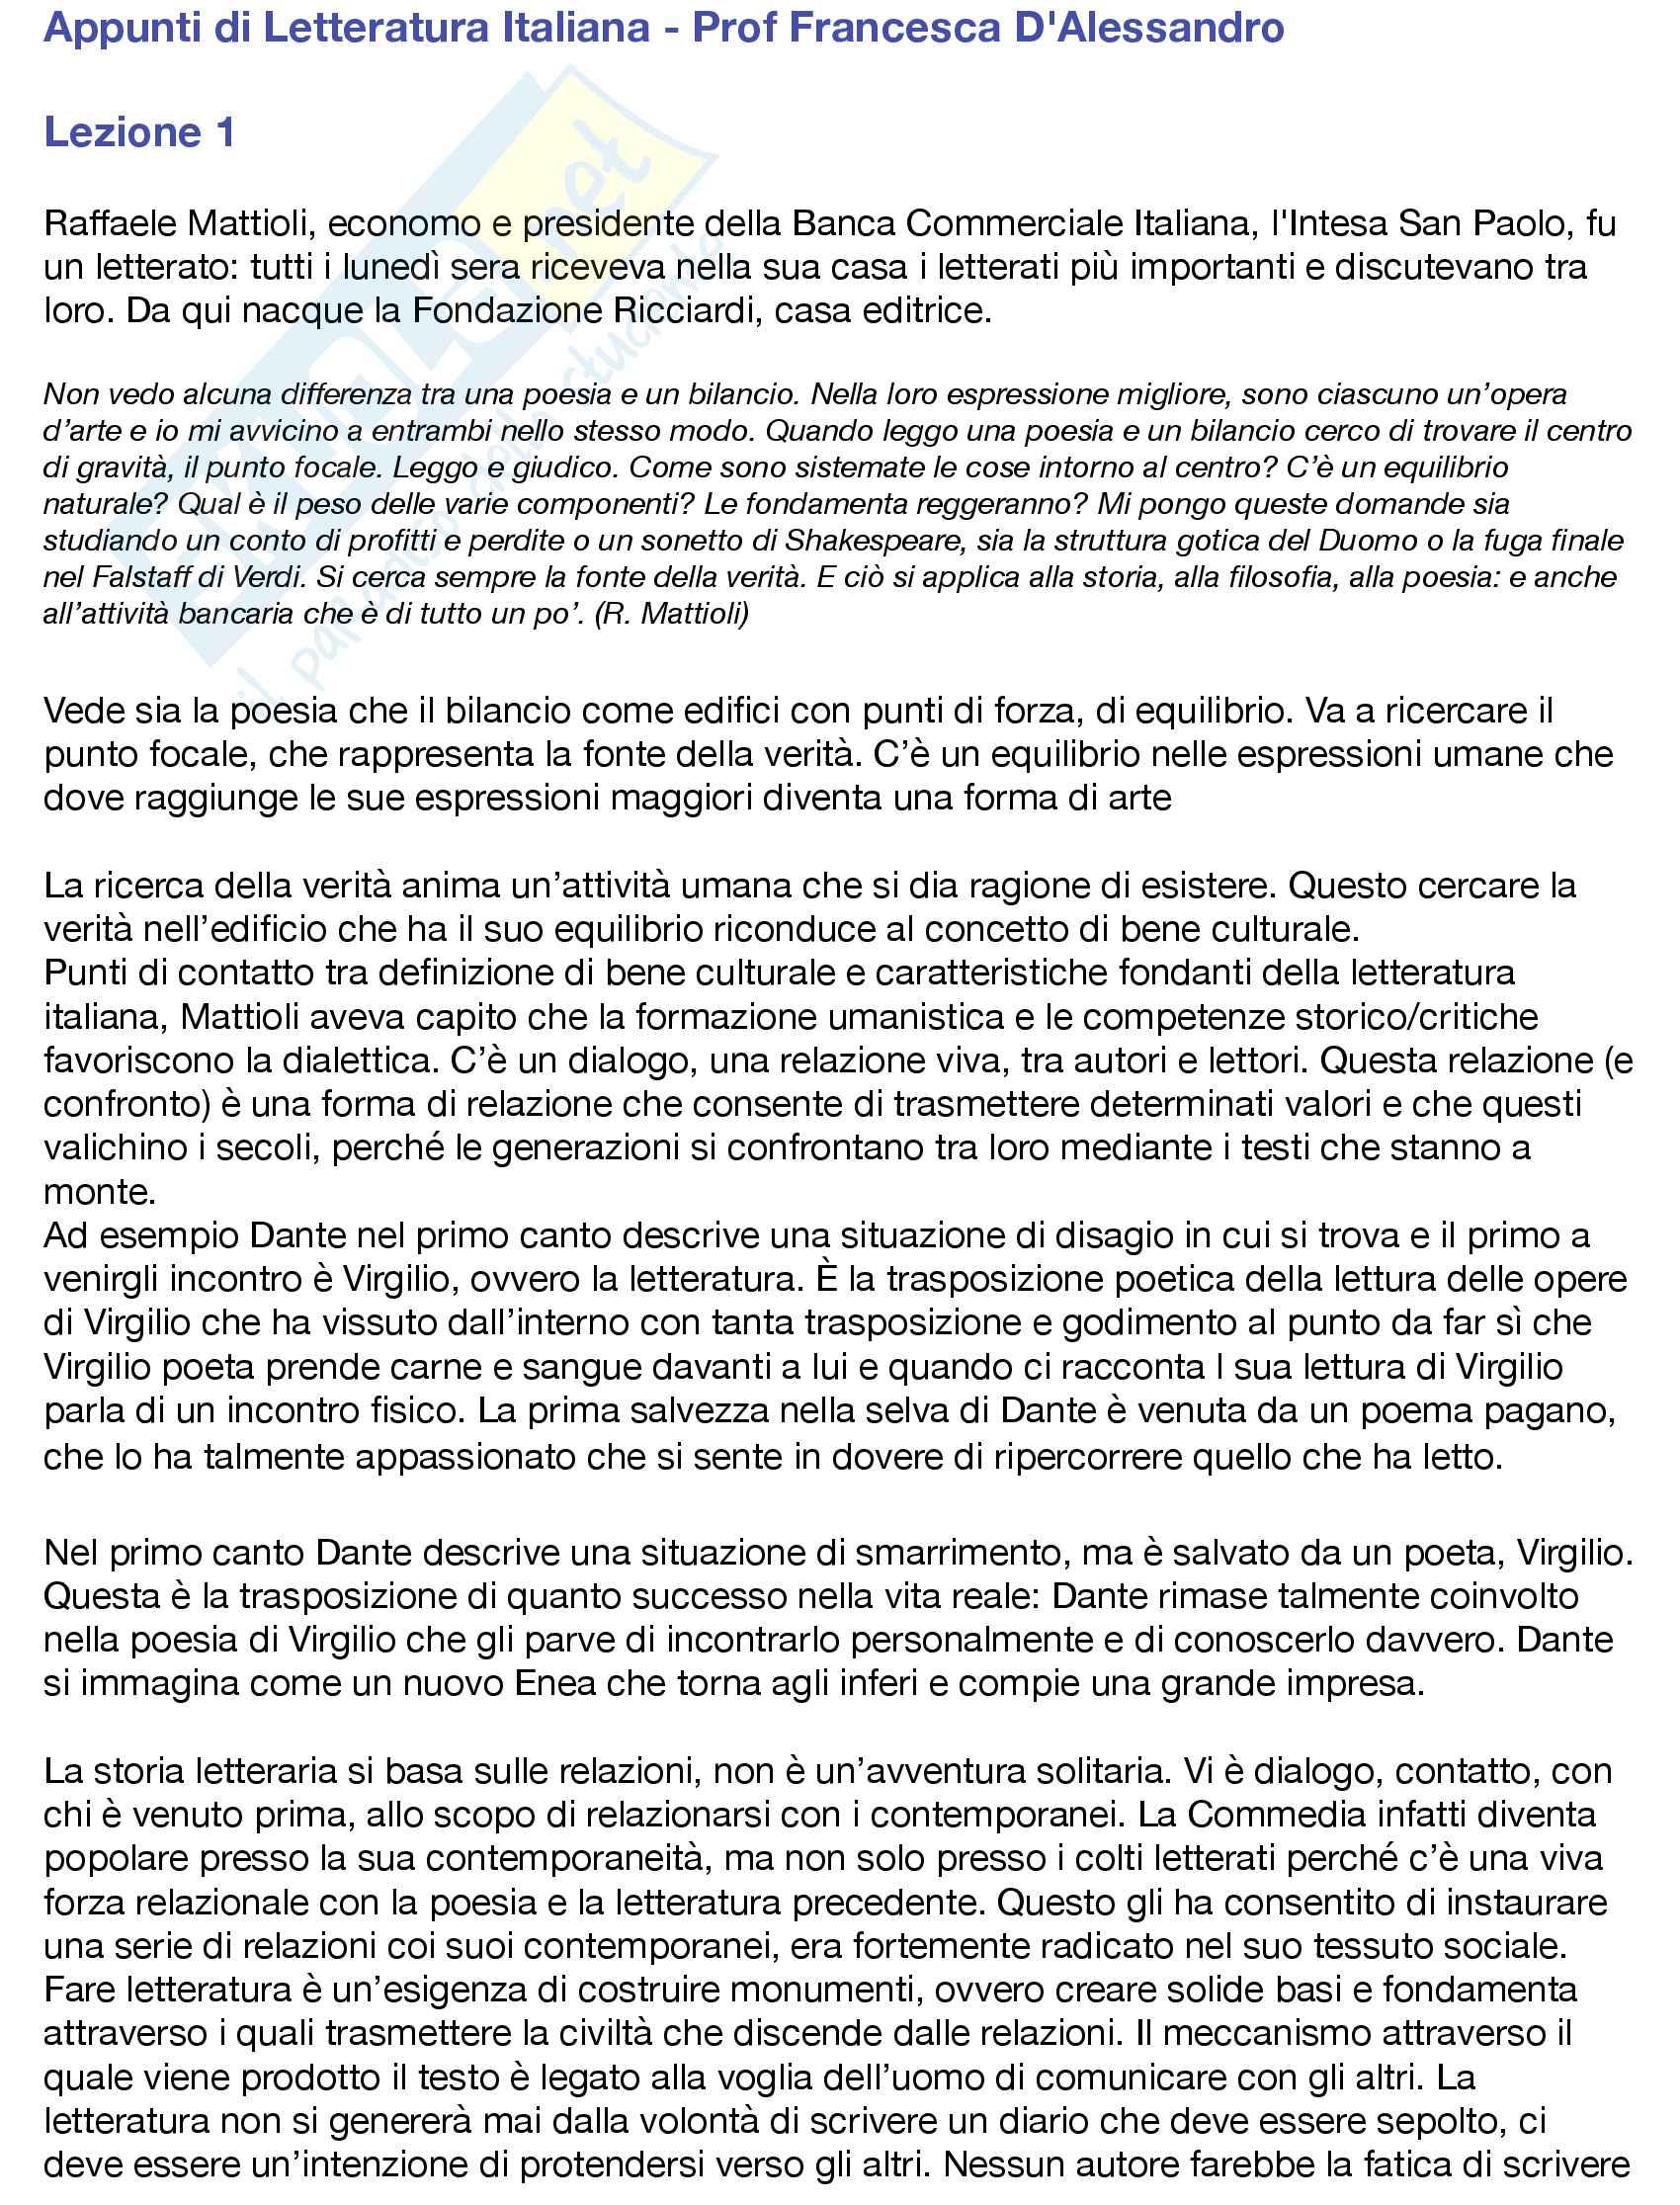 Appunti di Letteratura Italiana - I modulo - Prof D'Alessandro